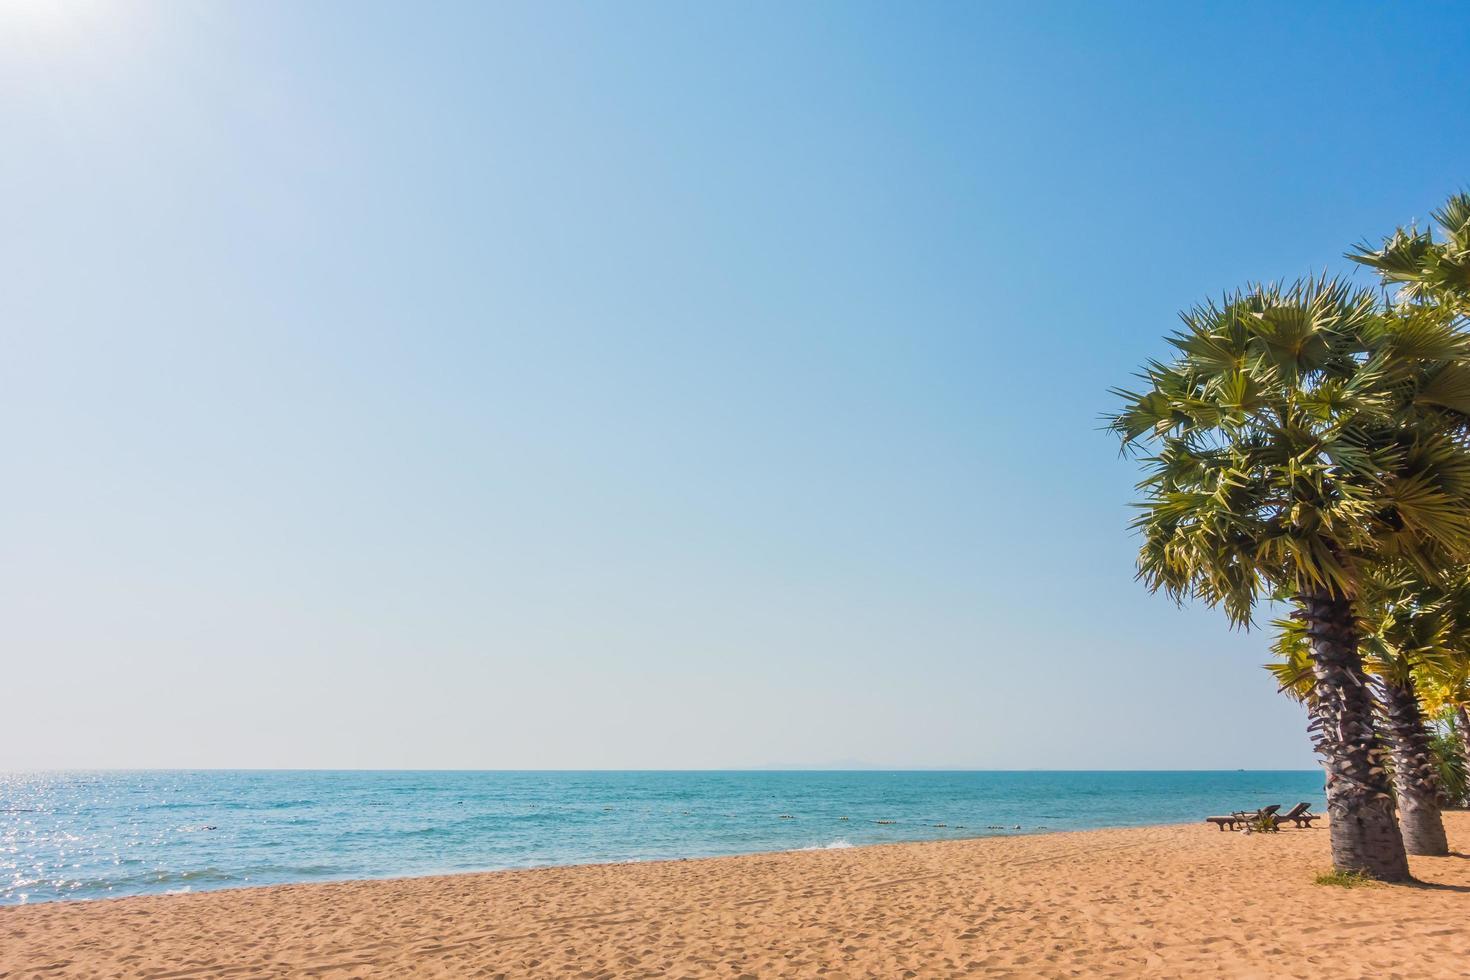 prachtig strand en zee met palmboom foto